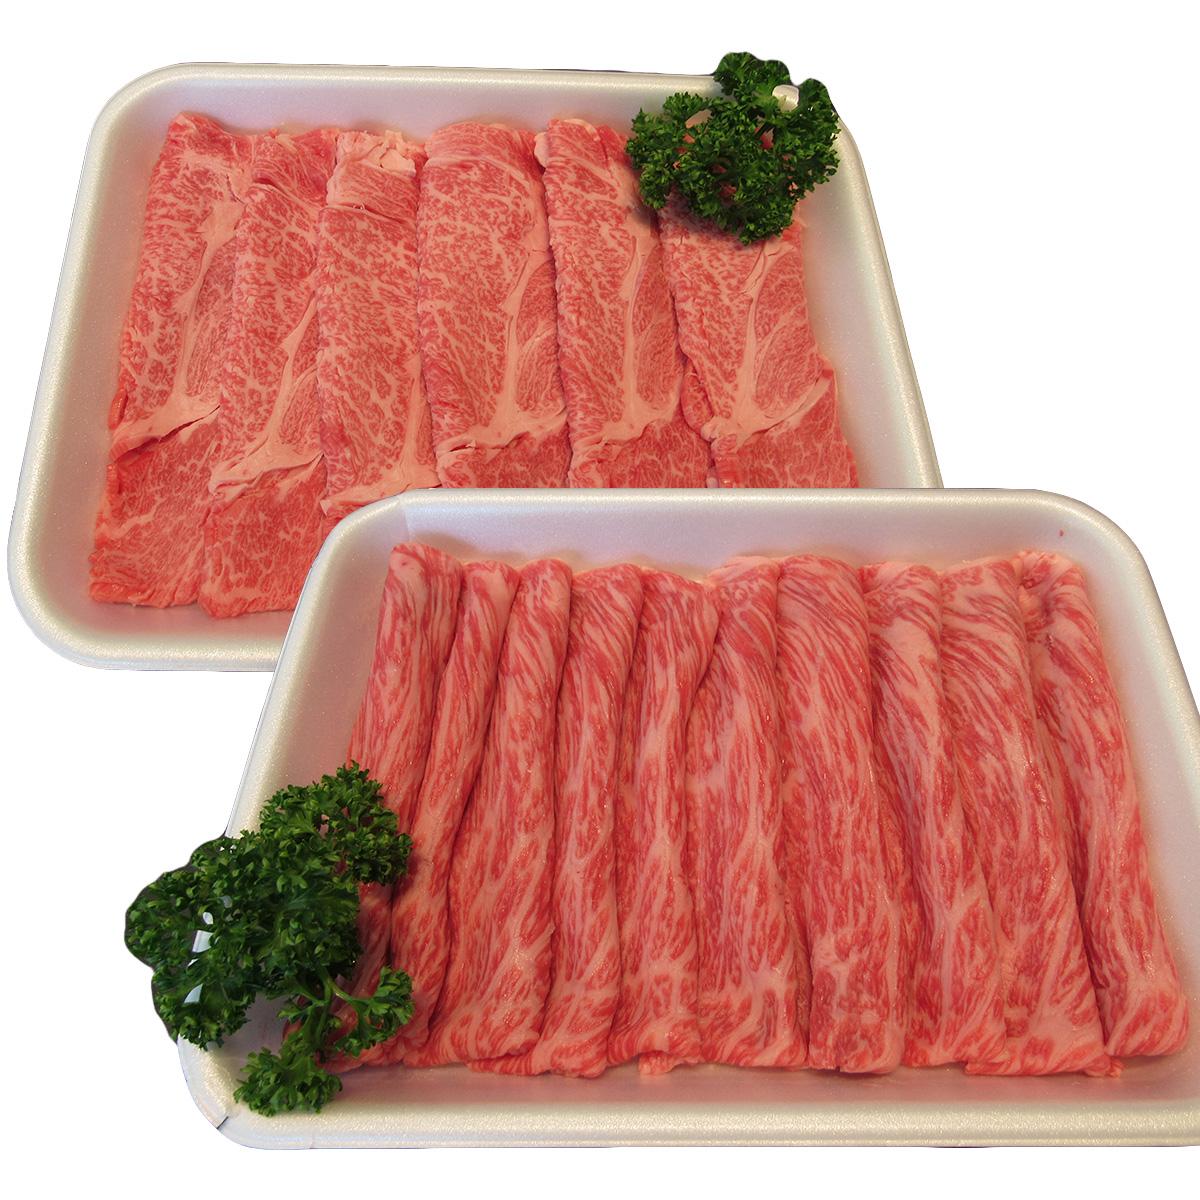 【ふるさと納税】川村ファーム仙台牛お楽しみセット Bセット(すき焼き用)